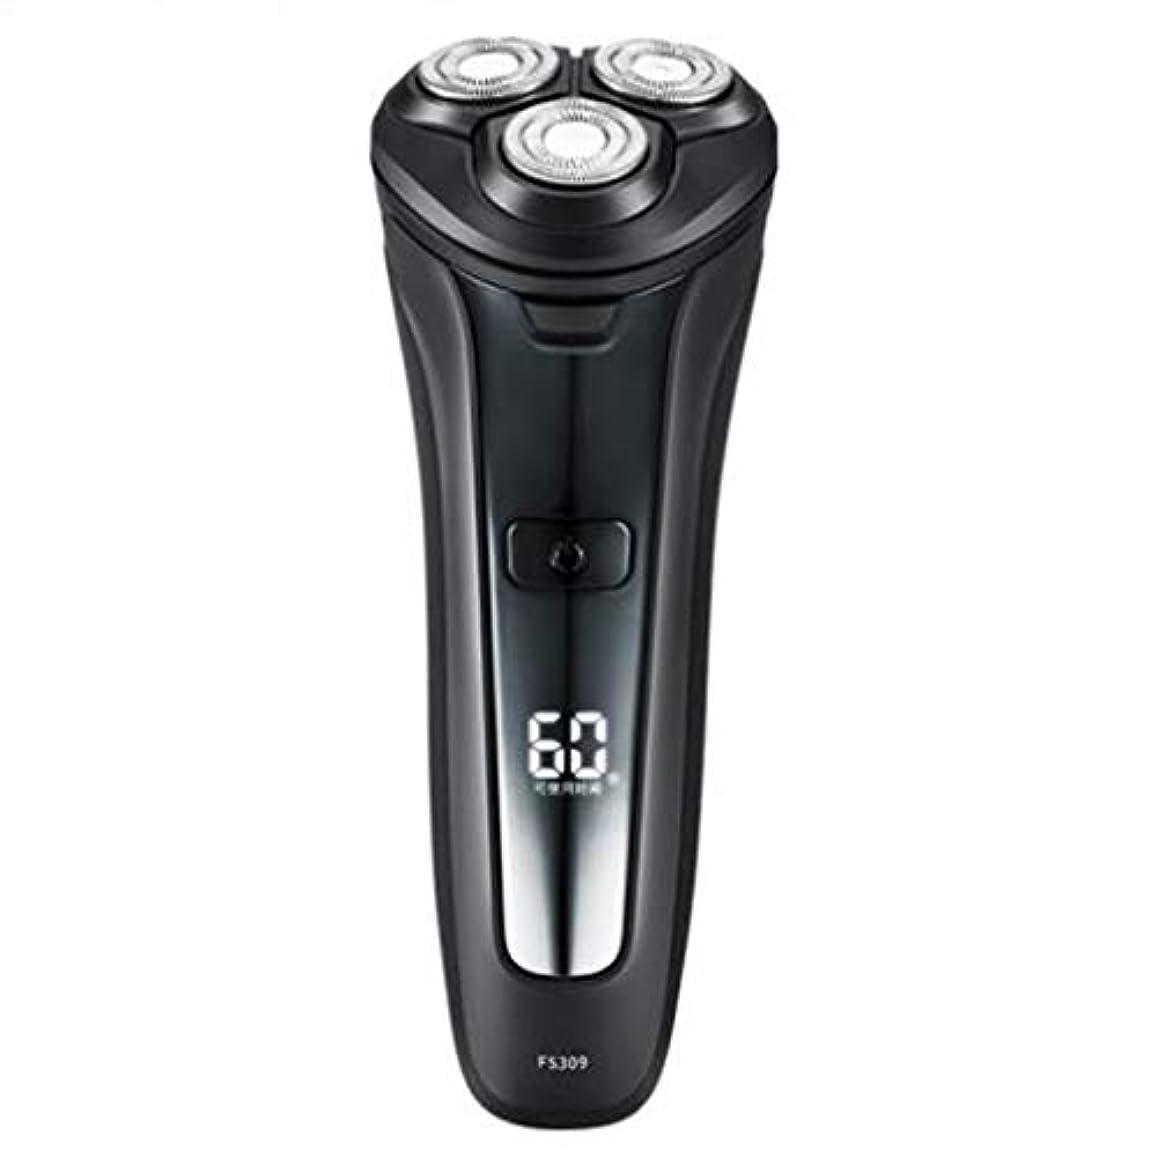 熱狂的な蒸発する乳白回転式 ひげそり 電動 メンズシェーバー,USB充電式 IPX7防水 髭剃り 電気シェーバー トリマー付き LCD残量表示 安全ロック機能 人気プレゼント,Black